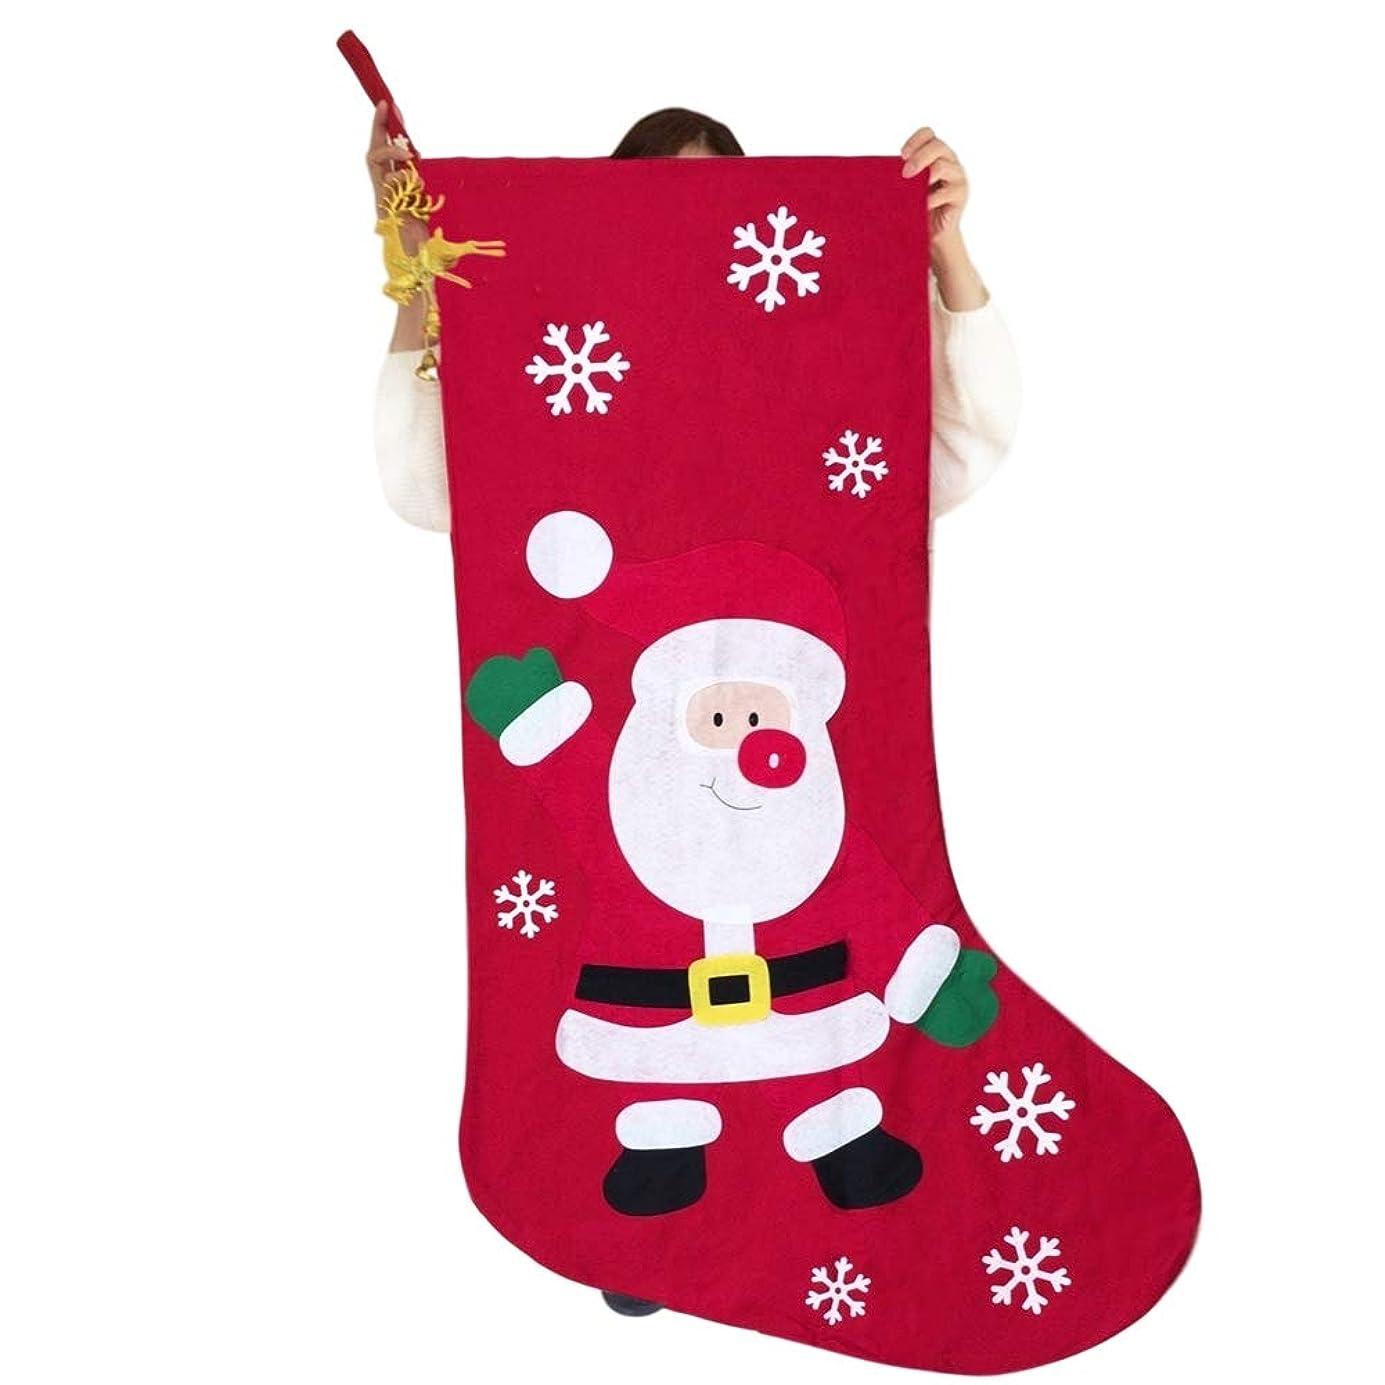 前文読みやすい環境全長136cm 幅78cm 子供 がすっぽり入る 超特大 クリスマス プレゼント 用 ワンポイントスーマーク 靴下 持ち手オーナメント LEDバッジ 保管用遮光防水 バッグ セット <全長136cm 1点>